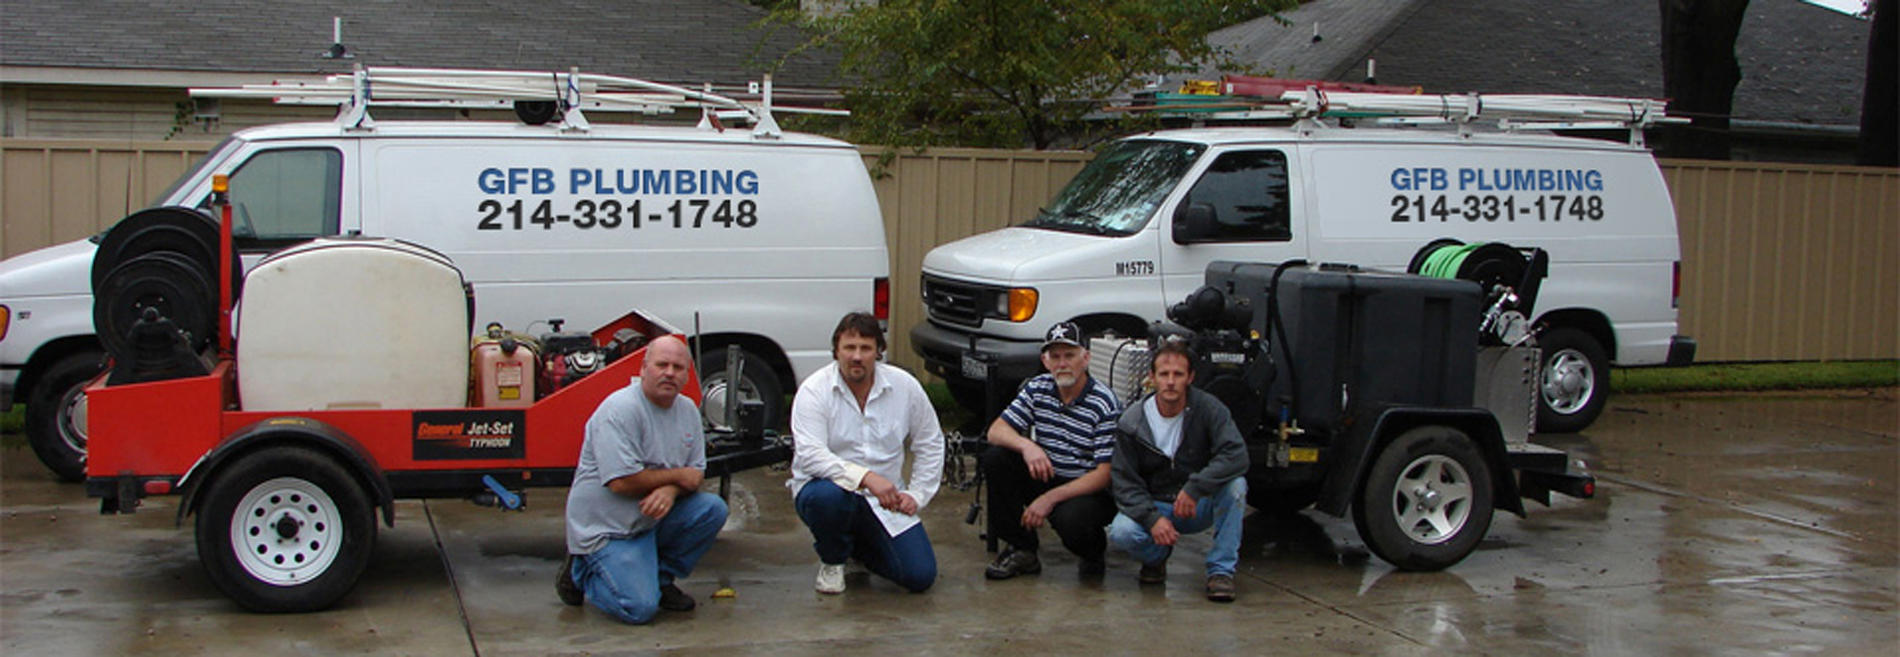 GFB Plumbing image 3